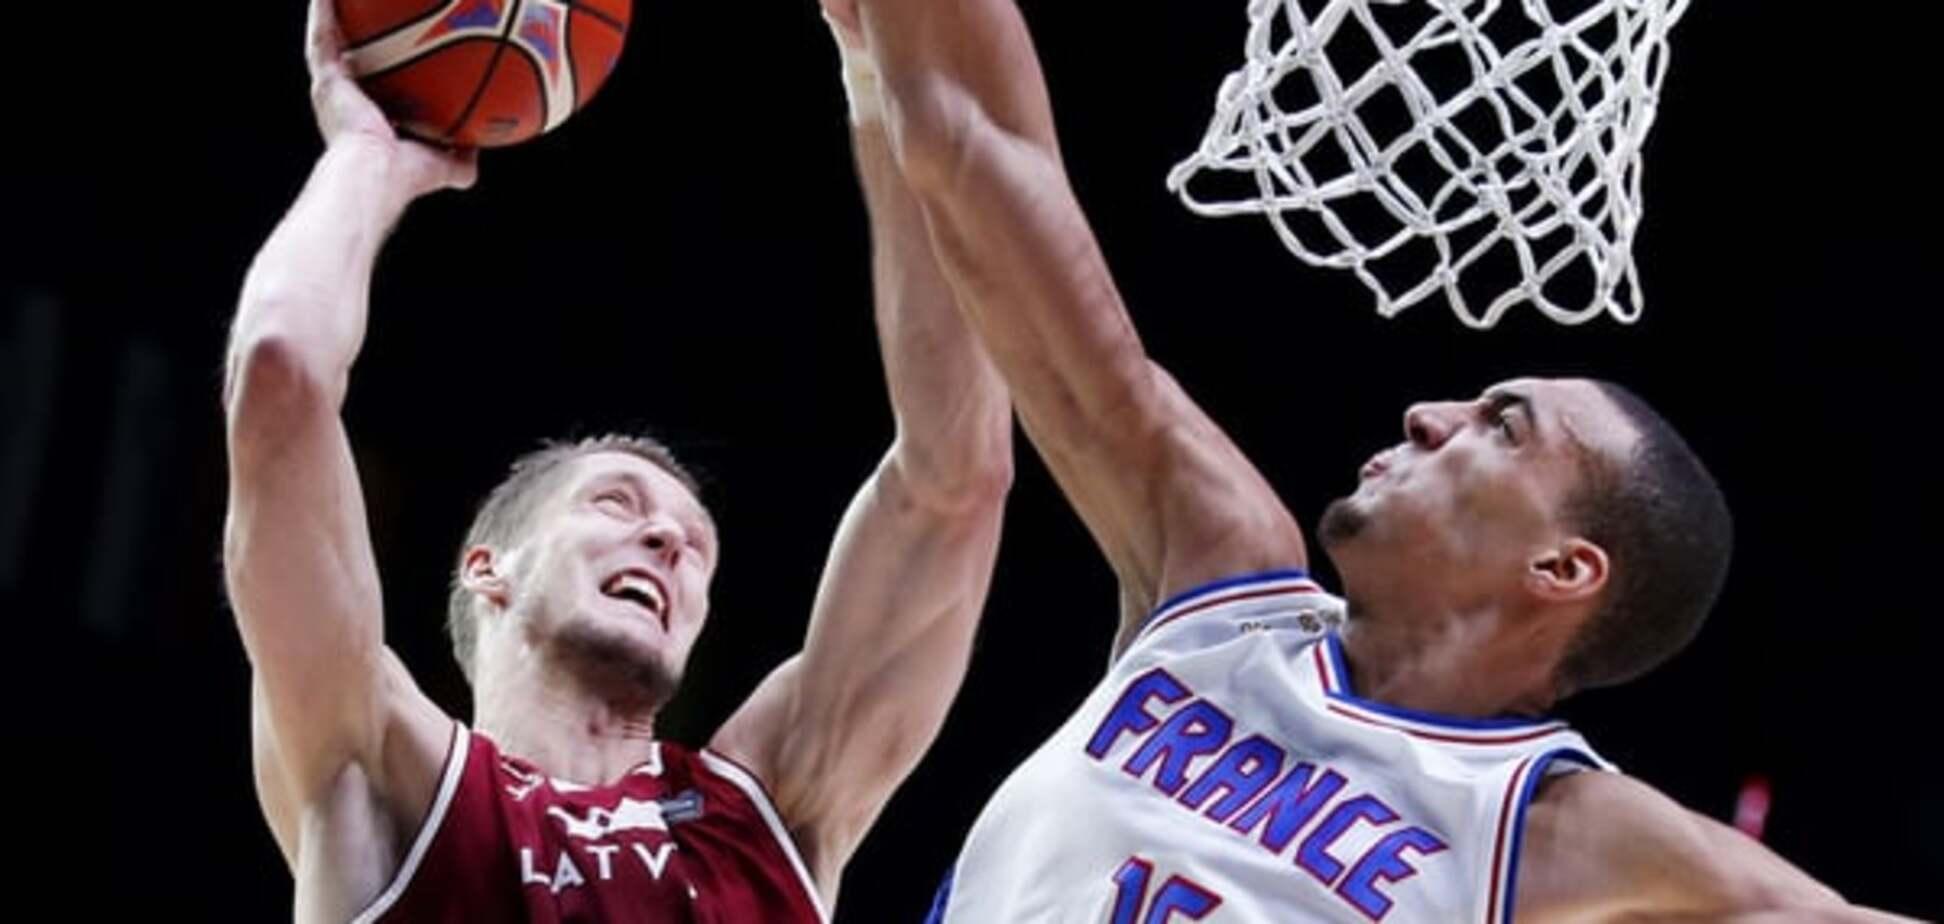 Евробаскет-2015. Франция без проблем обыграла Латвию